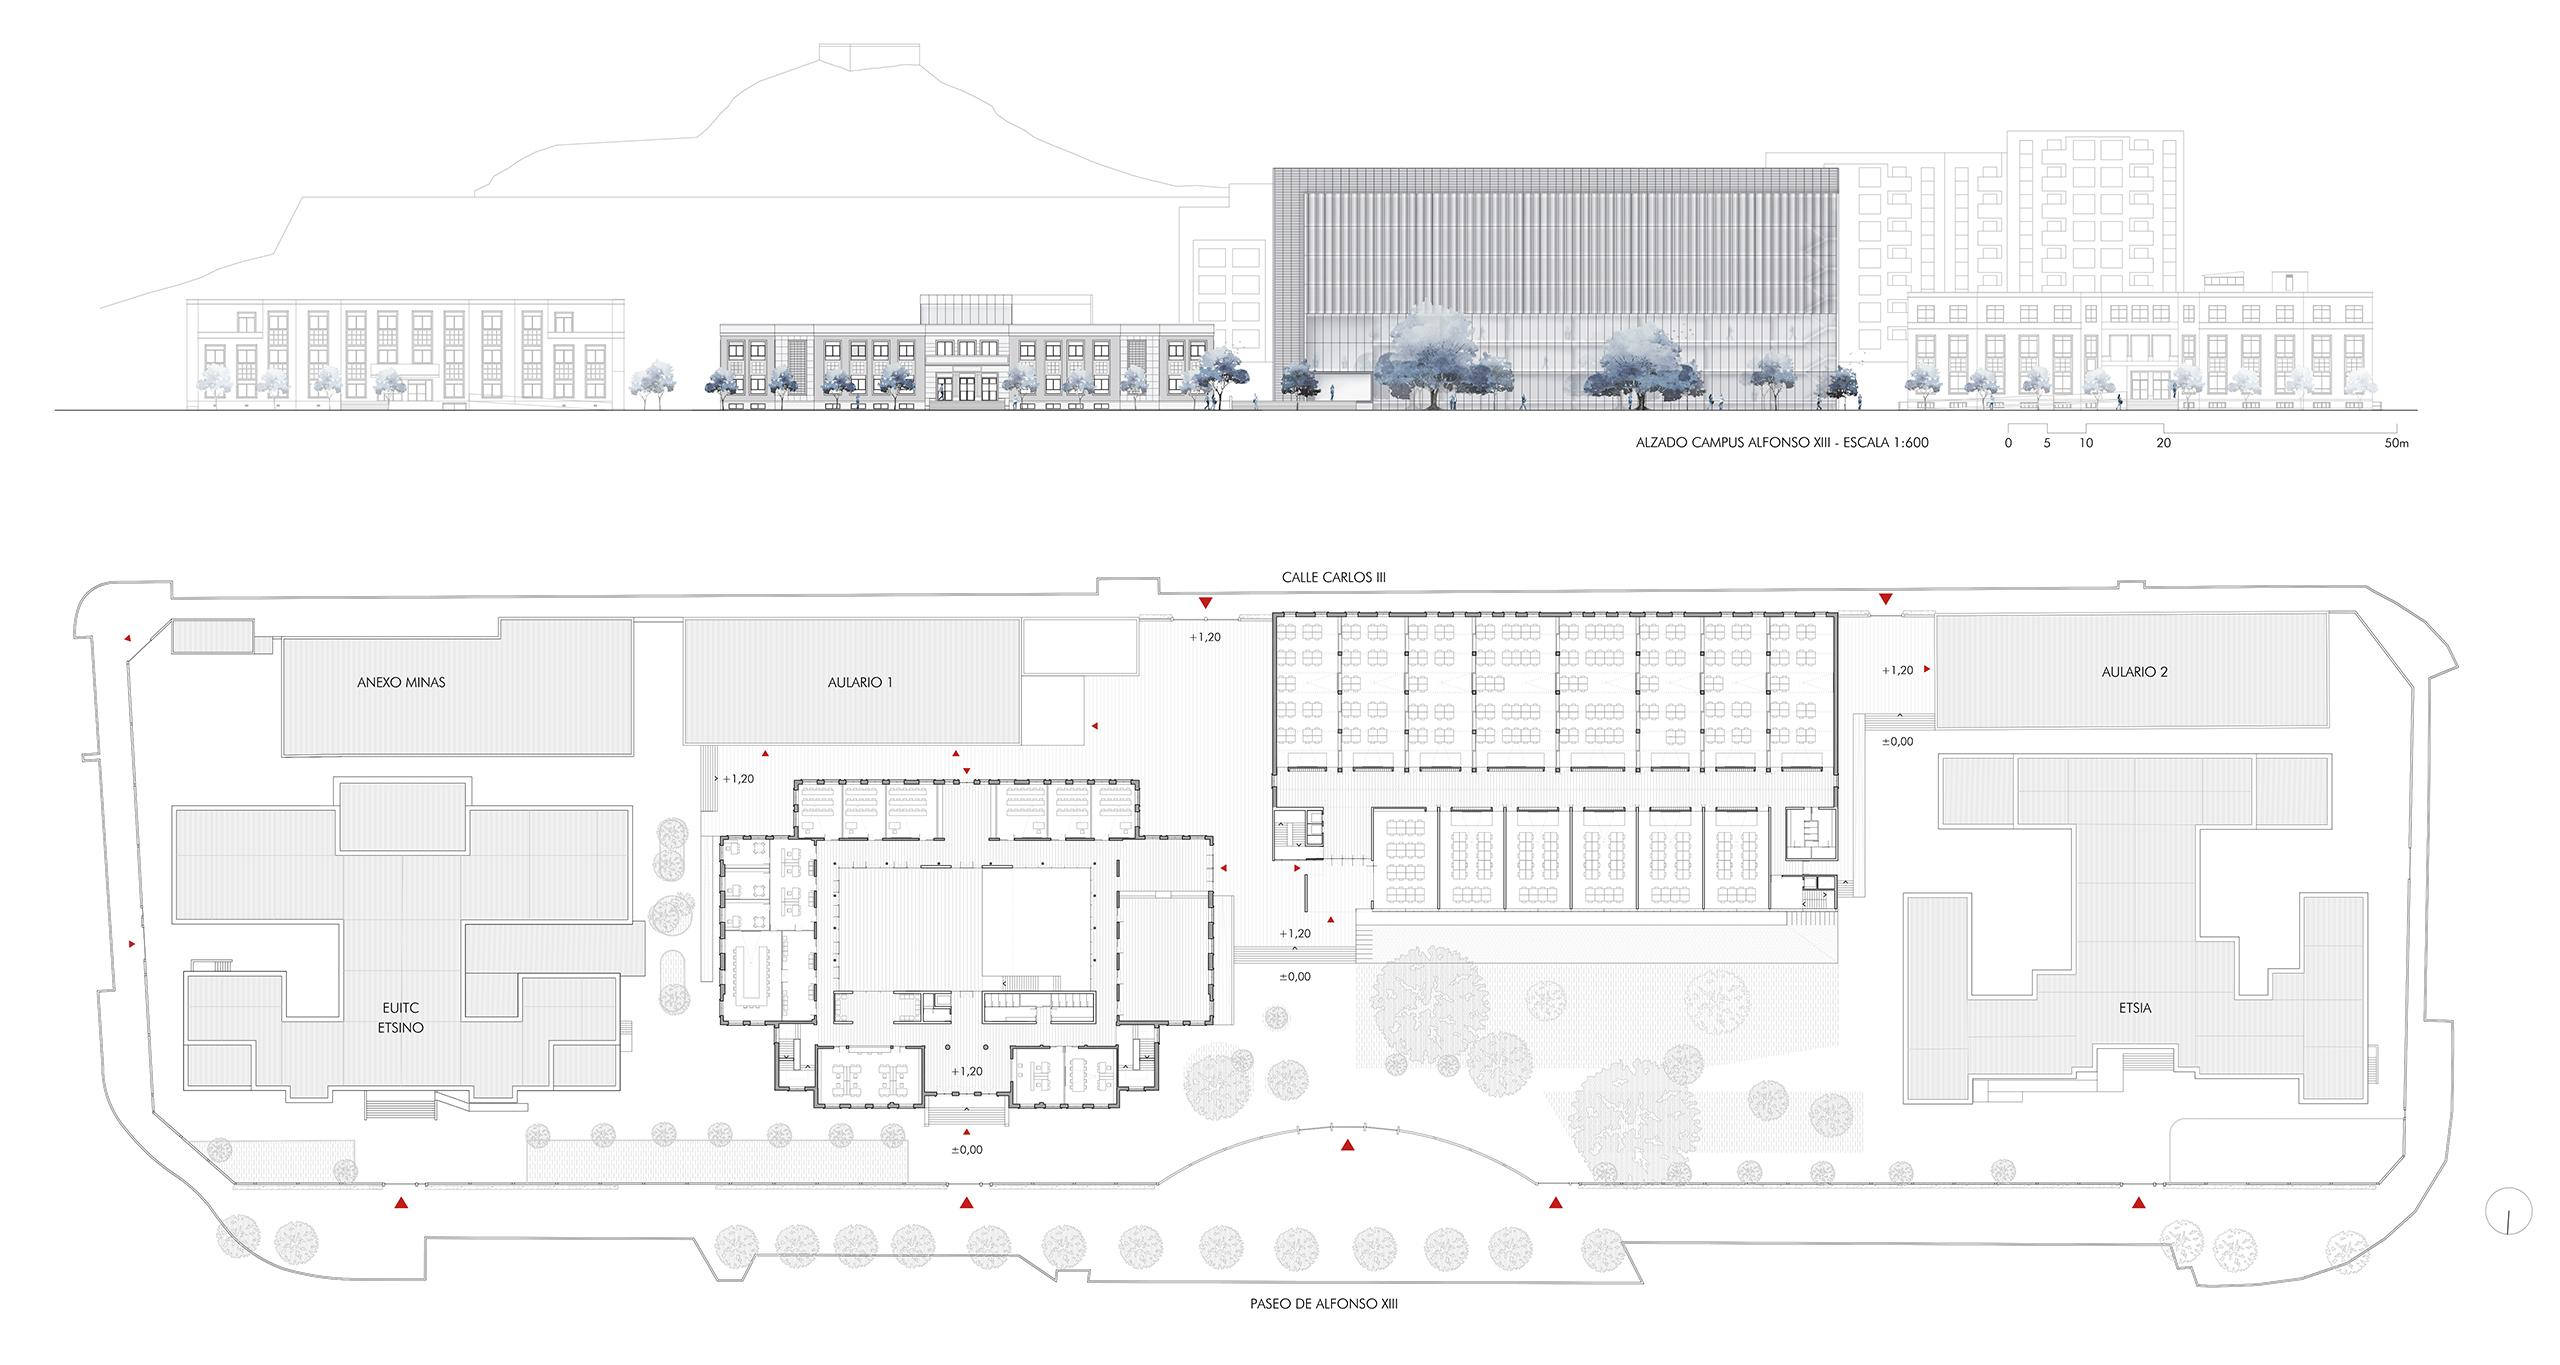 Nueva escuela t cnica de arquitectura superior y for Escuela tecnica superior de arquitectura